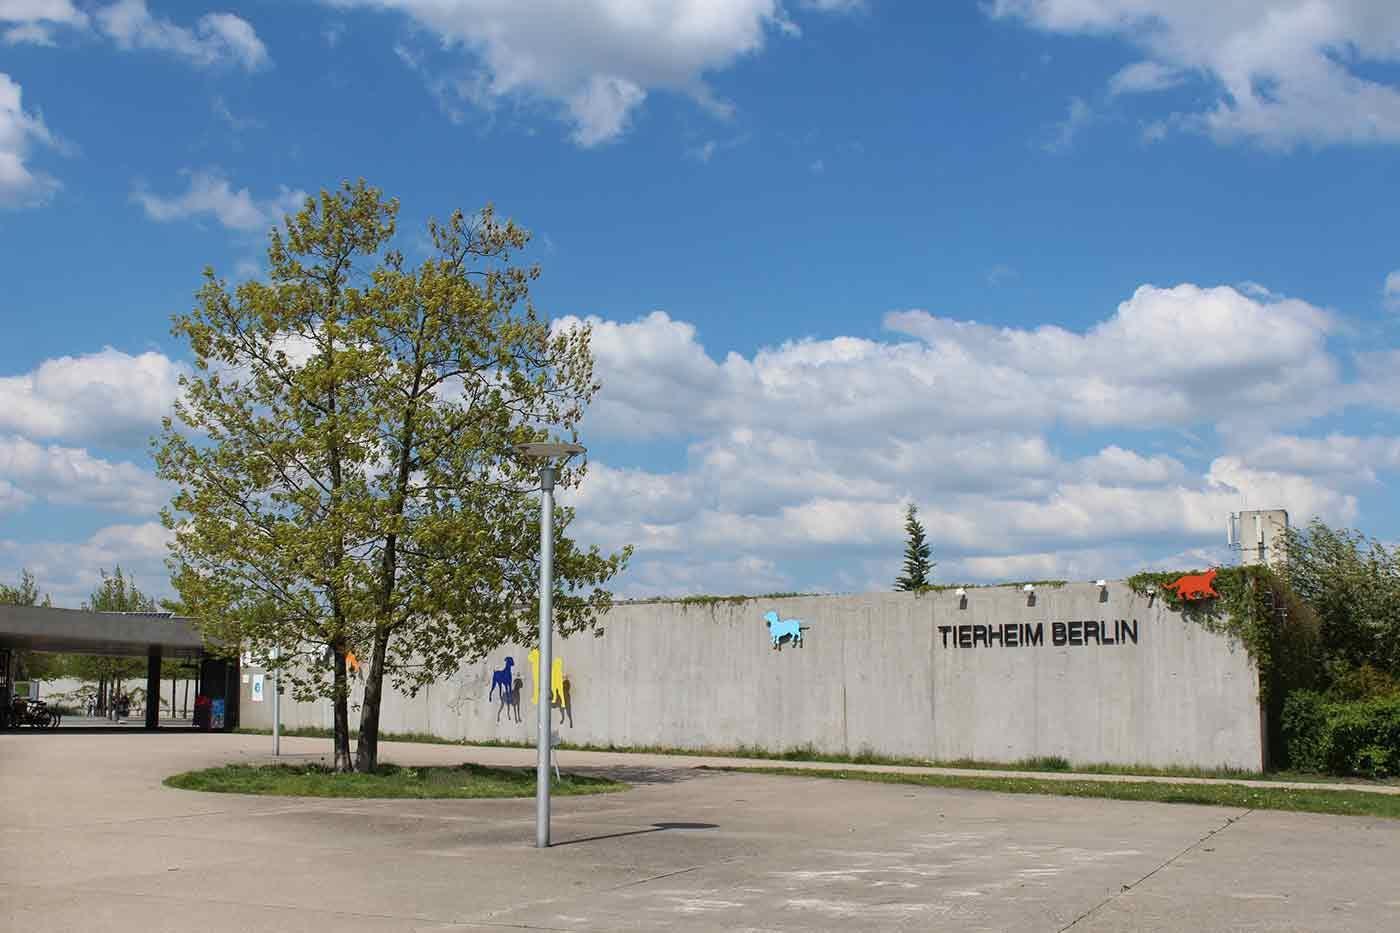 ドイツ最大の保護施設、ティアハイムベルリンの外観